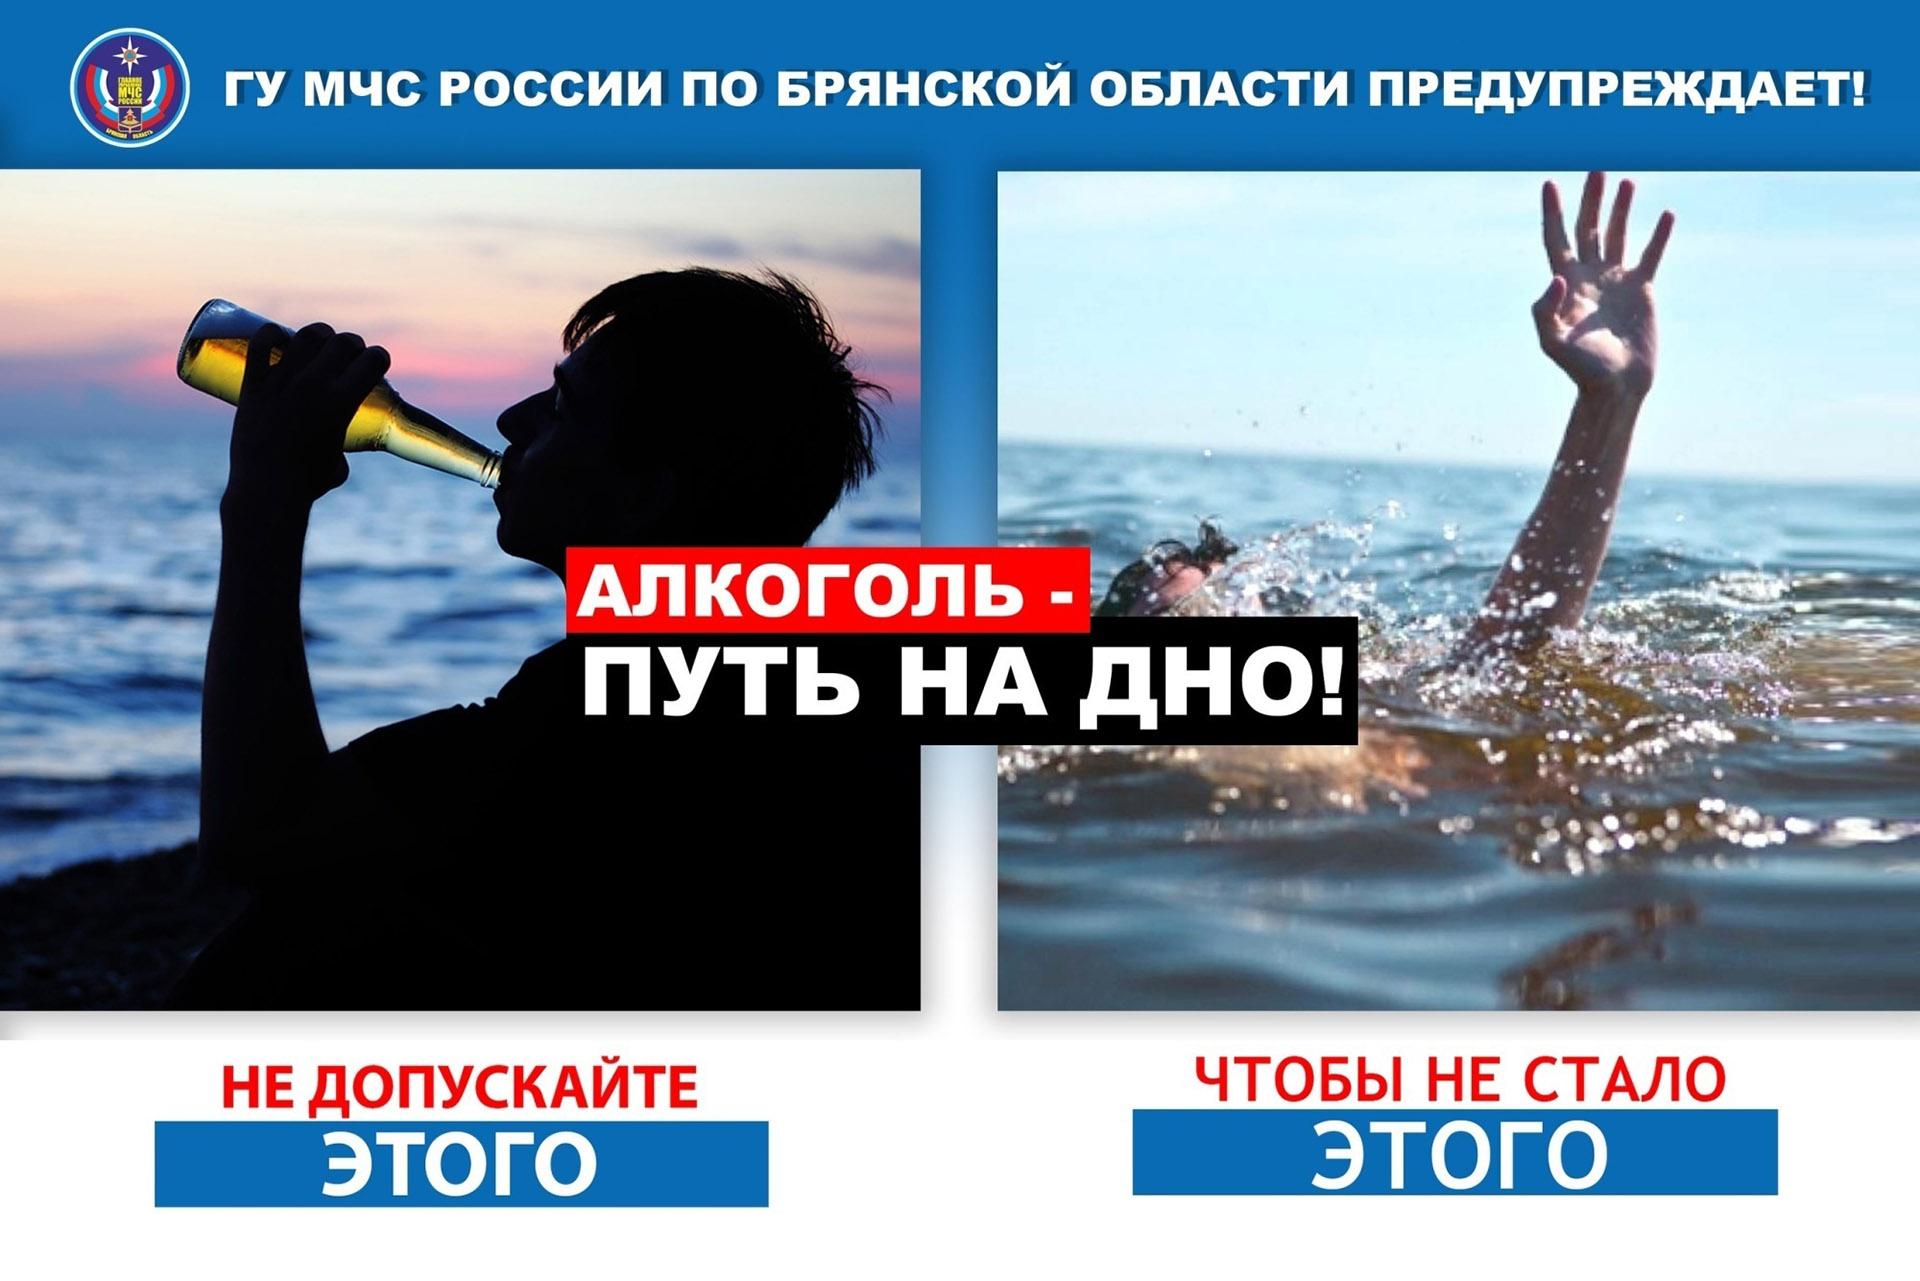 С начала купального сезона в Брянской области утонули 39 человек. Из них – трое дети